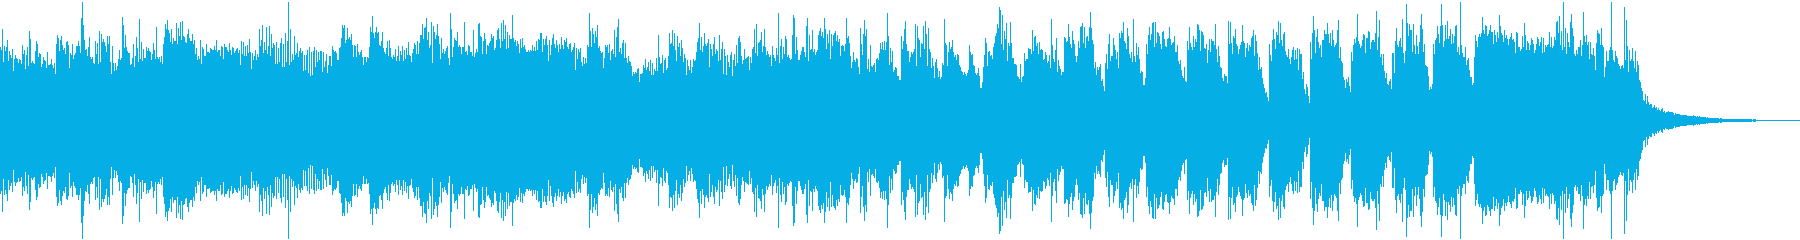 コマーシャルゴージャス派手ブラスロックeの再生済みの波形